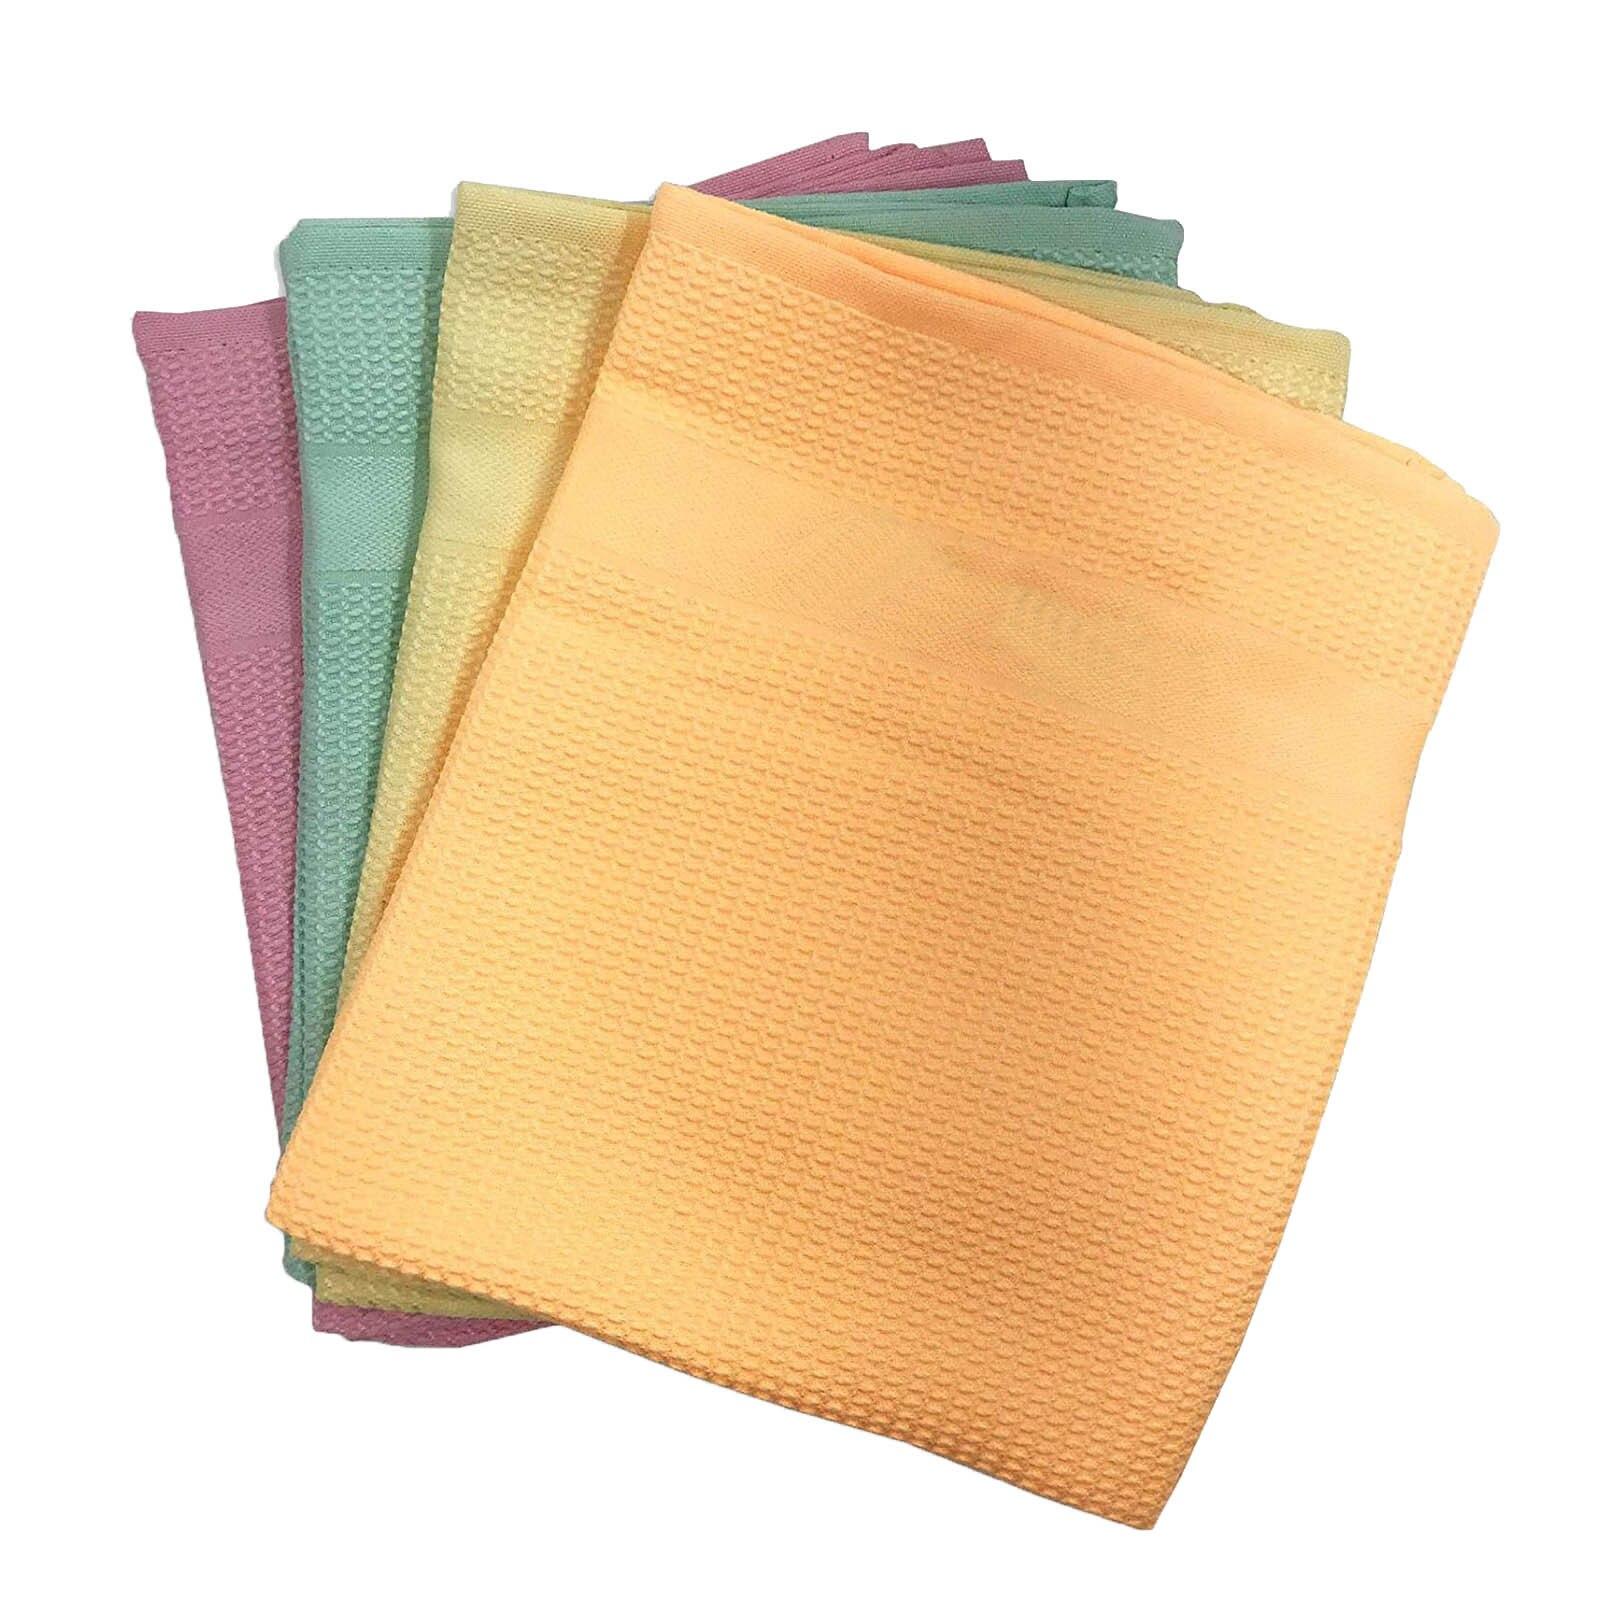 40 #4PC салфетка из микрофибры для чистки ткани многоразовые ткань для чистки многофункциональная комната для домашней стирки блюдо Кухня пос...